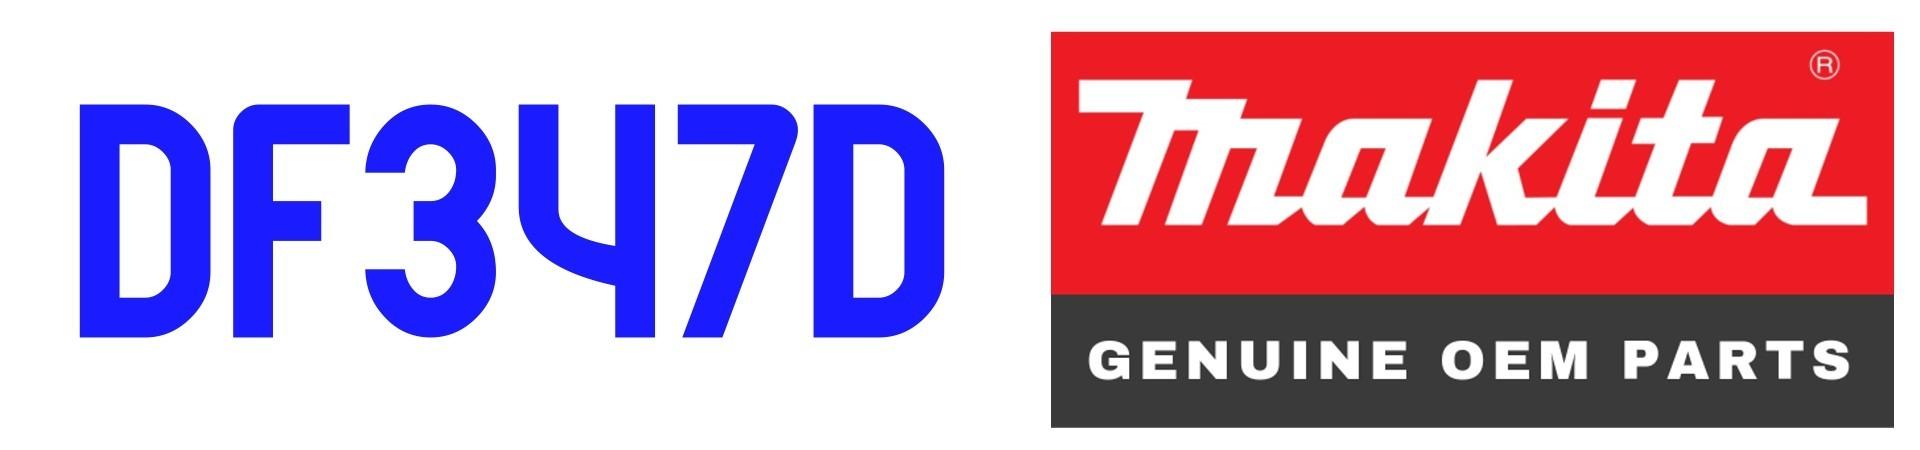 DF347D